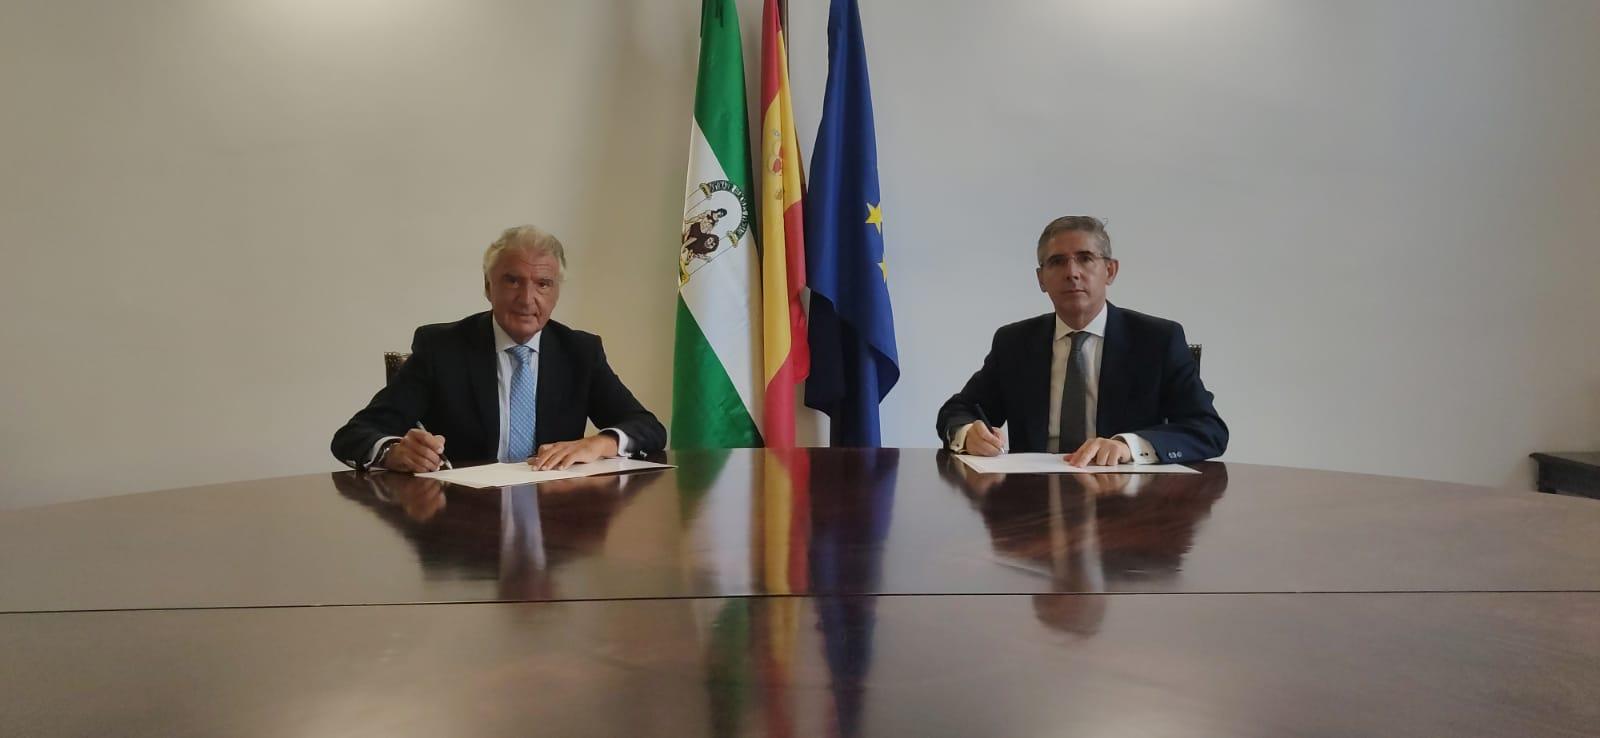 La Federación de Comunidades Judías de España, nueva entidad patrona del programa Embajadores de Córdoba